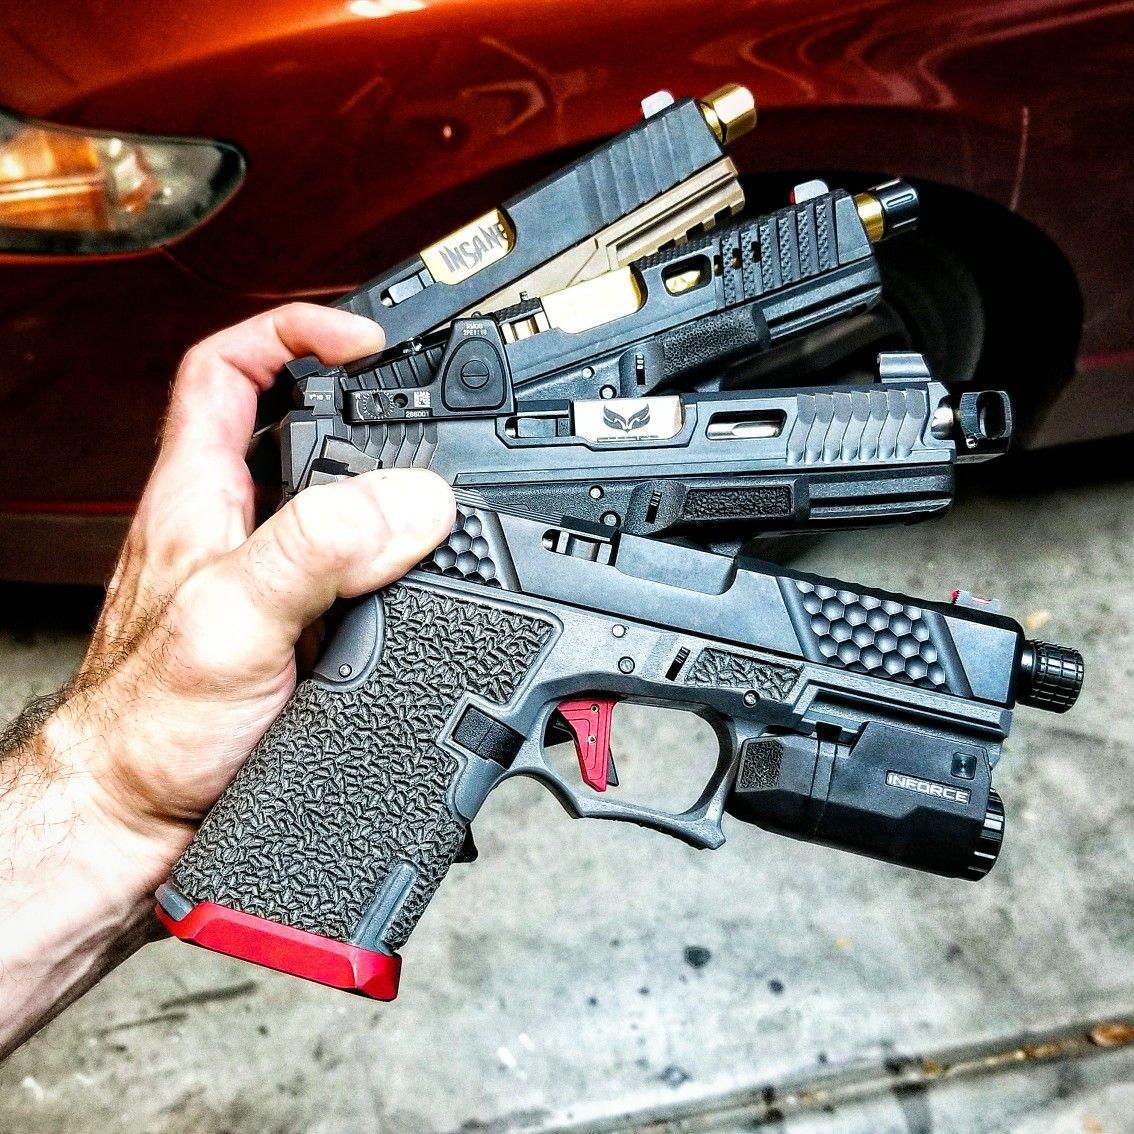 Pin by TSKnives on Firearms: Glock | Custom glock 19, Custom